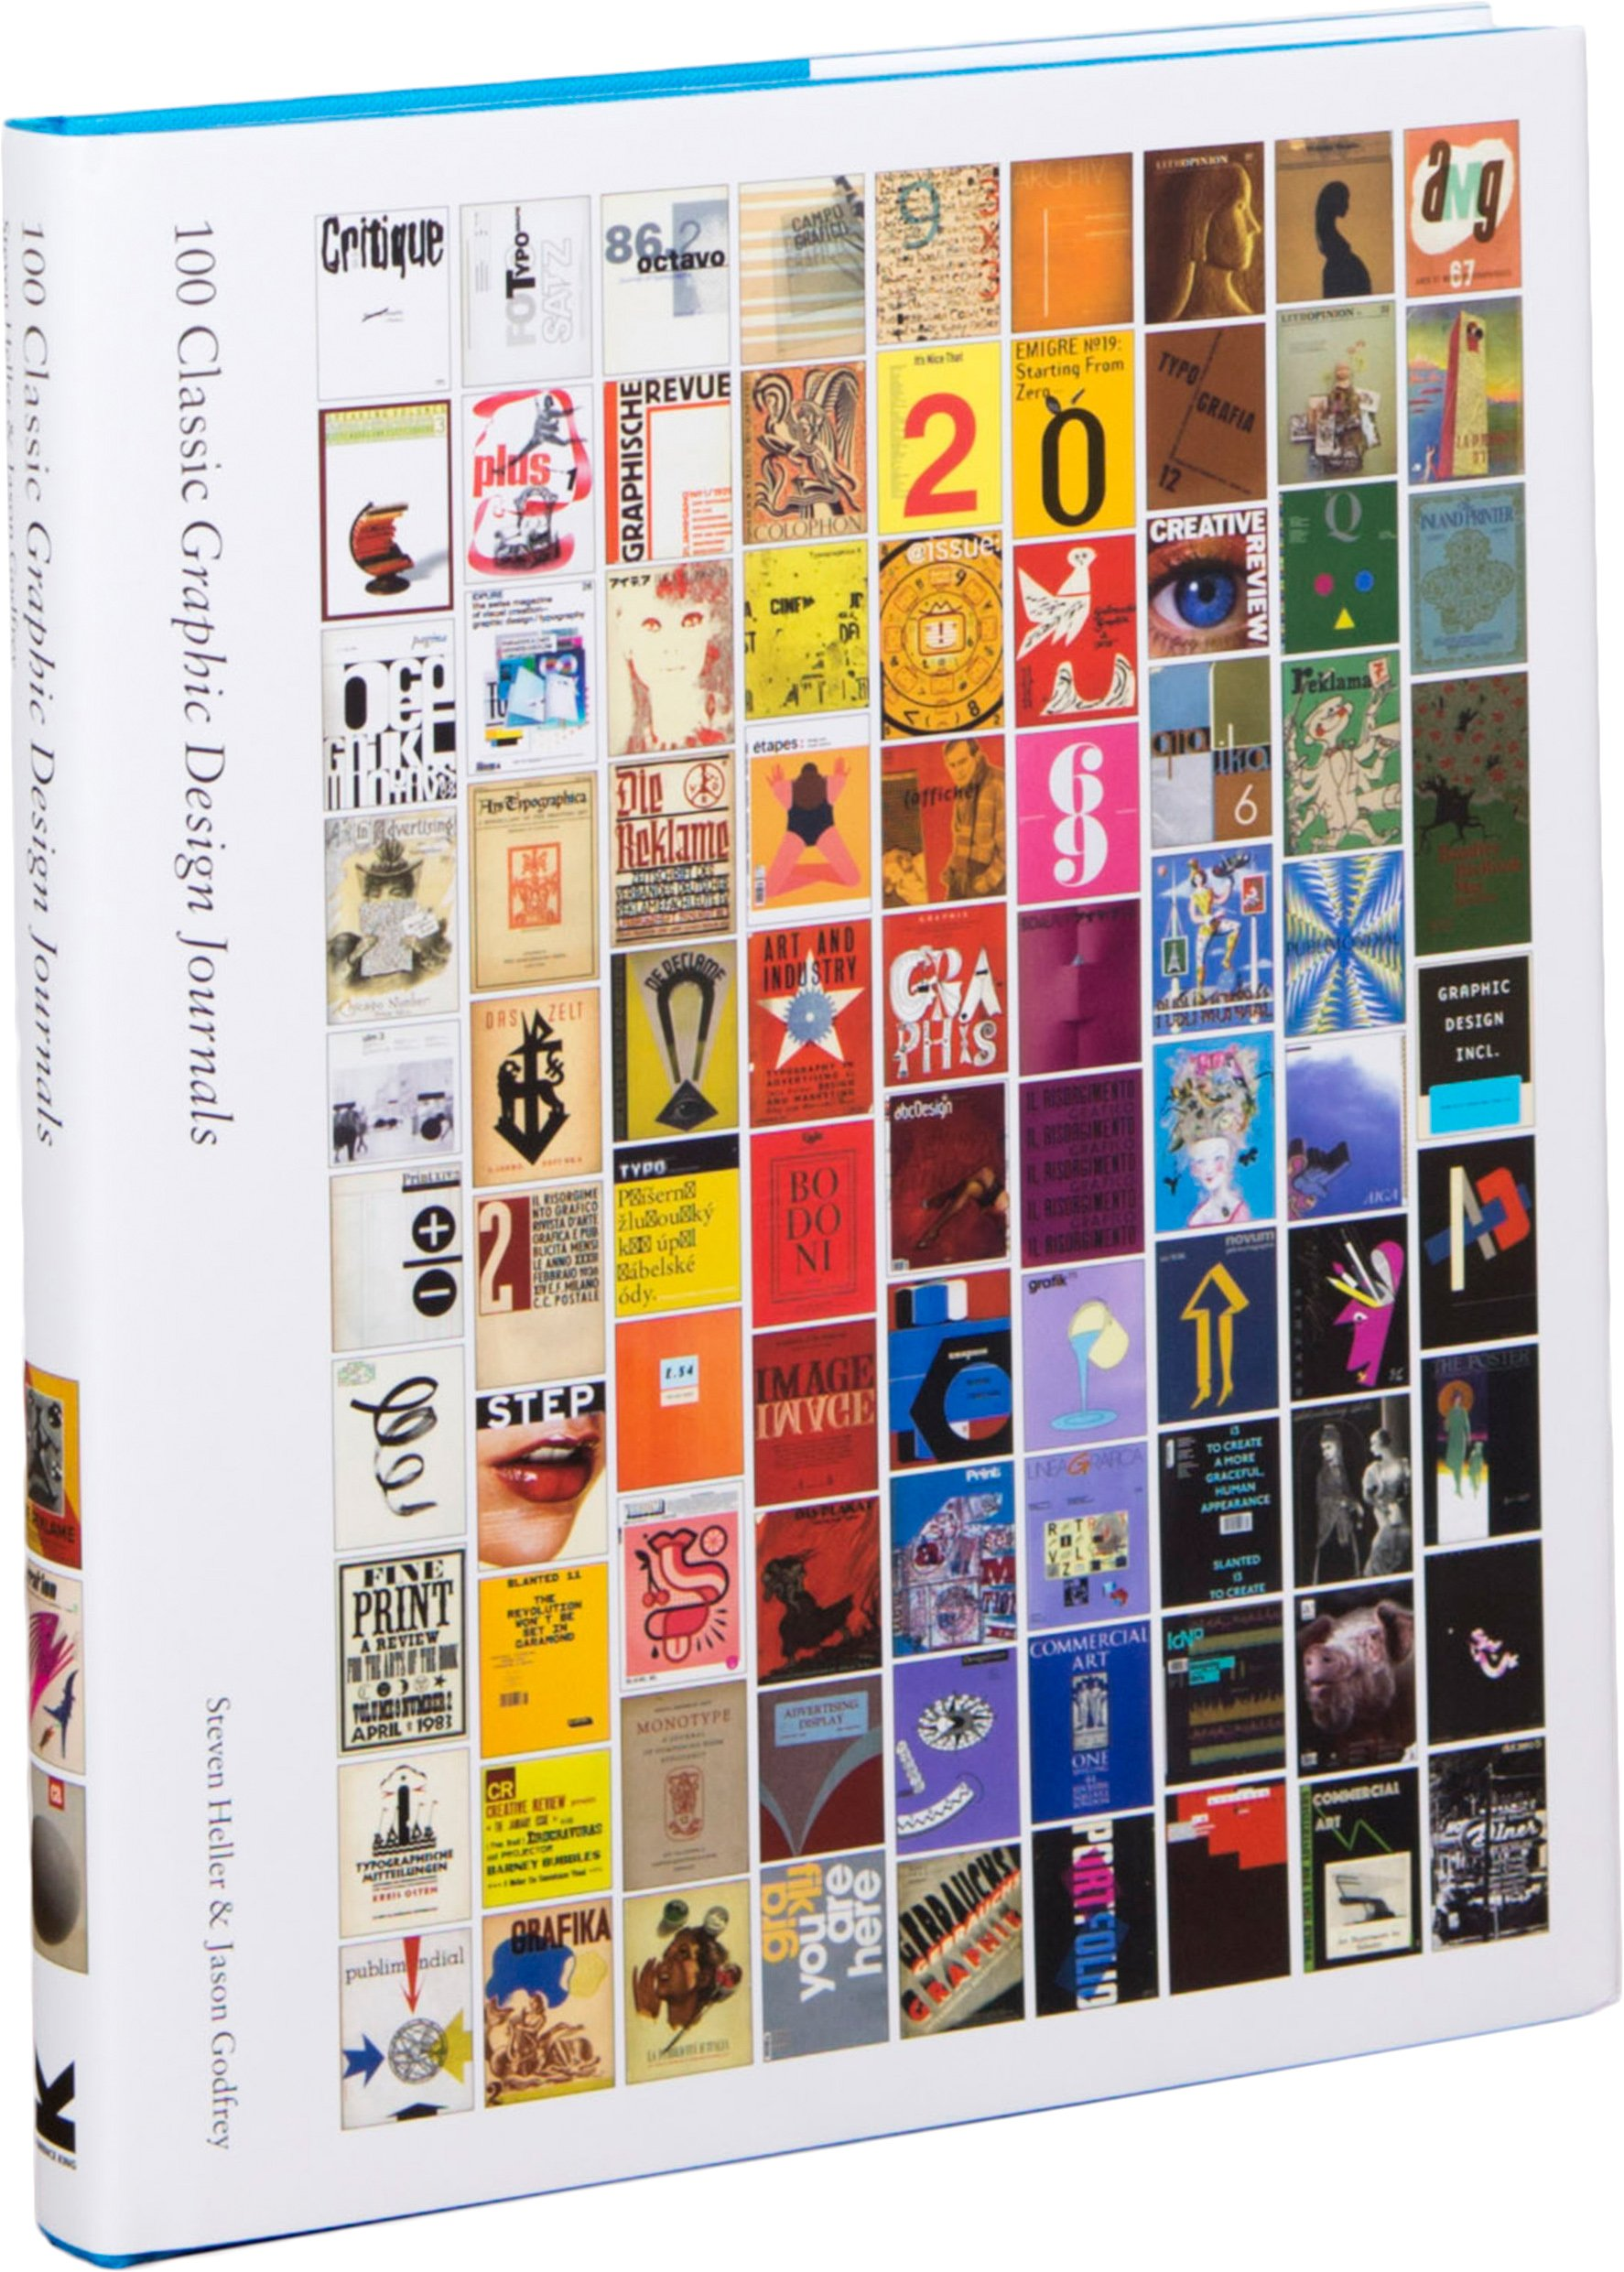 100 classic graphic design journals steven heller jason godfrey 100 classic graphic design journals steven heller jason godfrey 9781780673363 amazon books fandeluxe Gallery